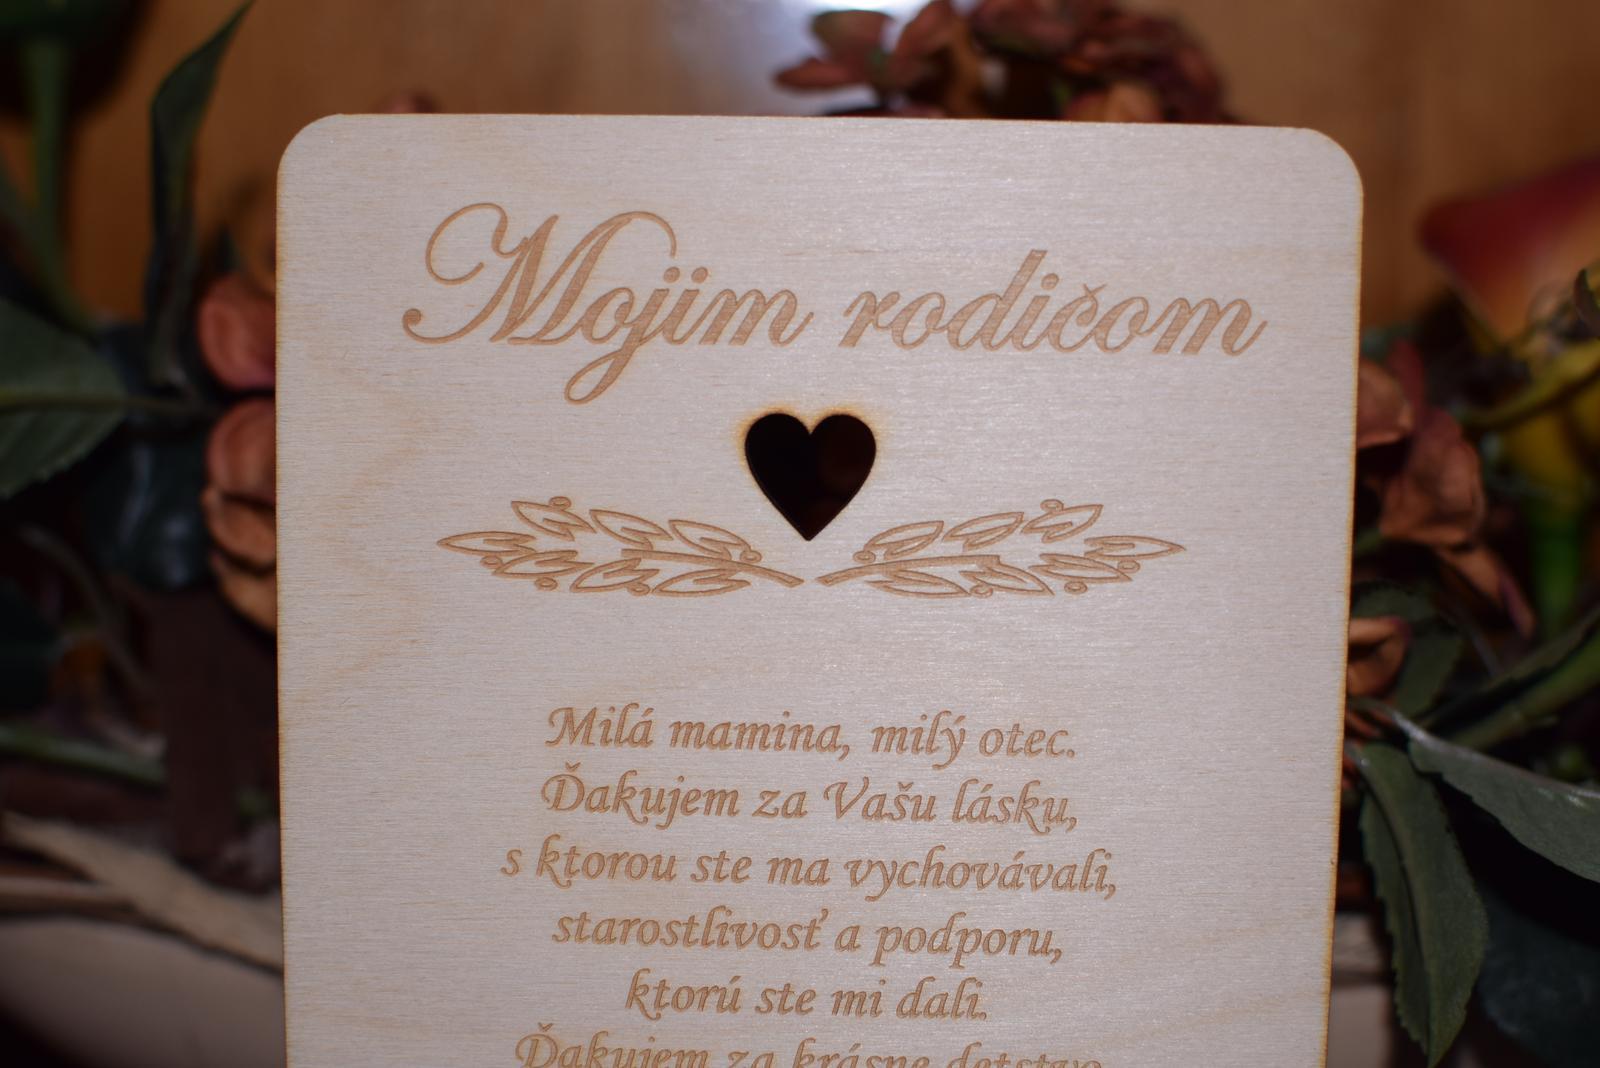 Poďakovanie rodičom drevená tabuľka 7 - Obrázok č. 3